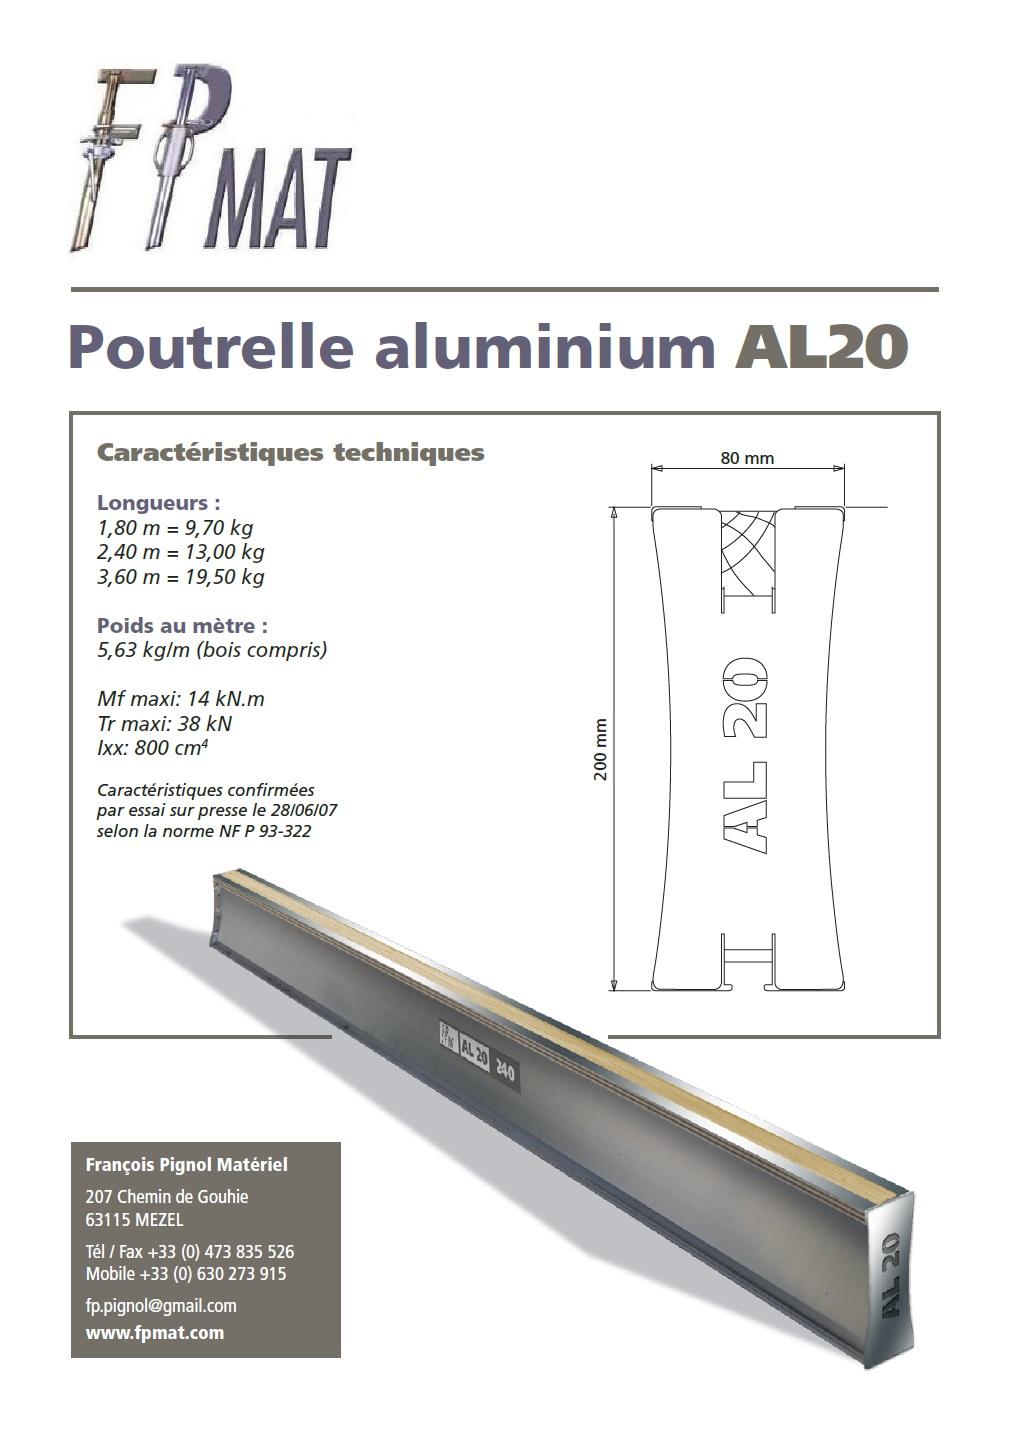 Poutrelle aluminium AL20 FPMAT